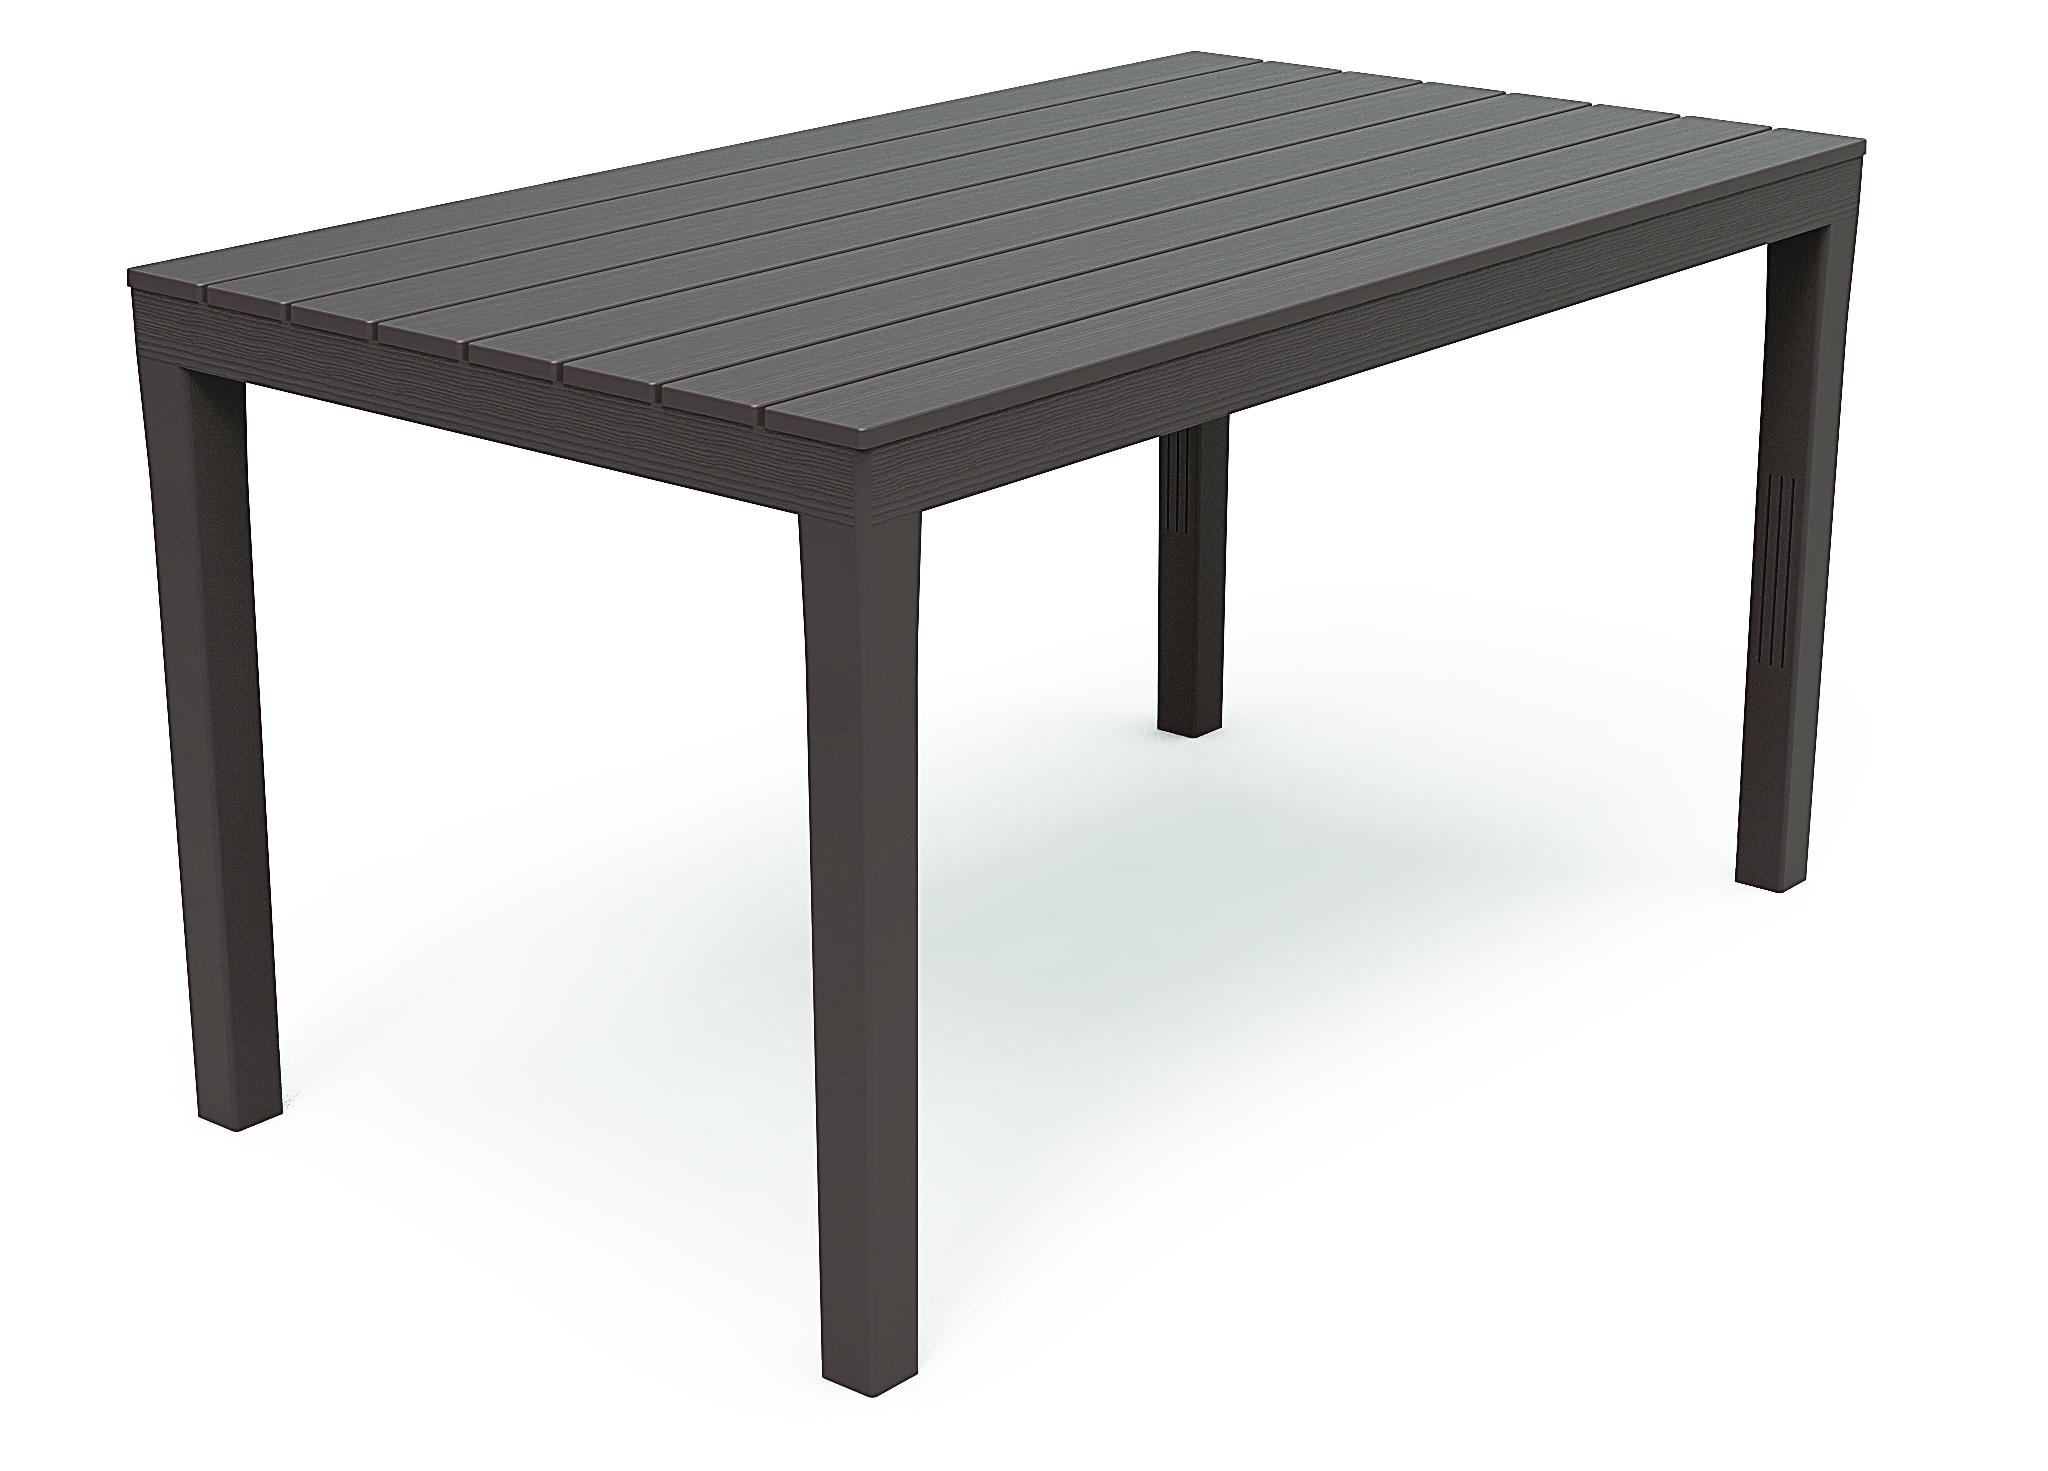 Sumatra Gartentisch 140x80cm Kunststoff In Holz Optik Braun